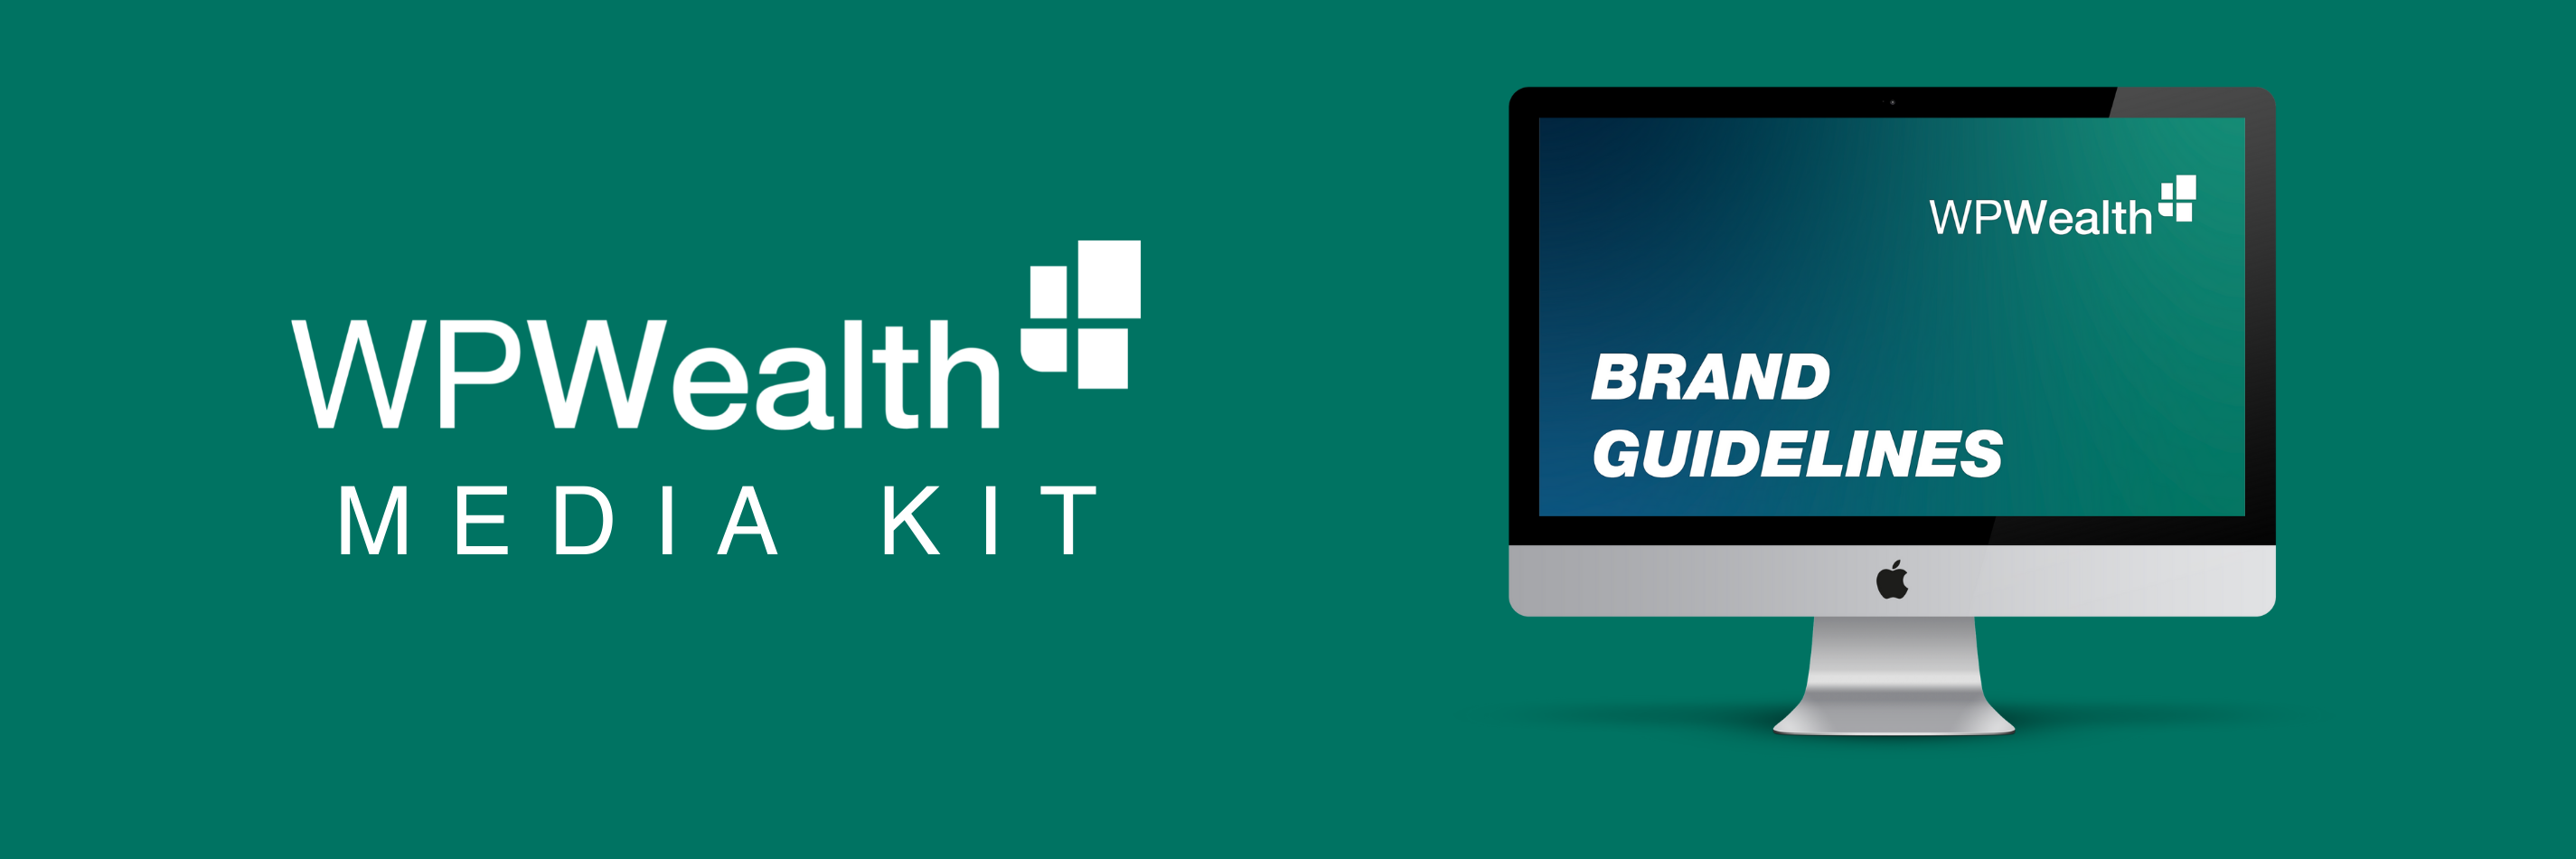 WPWealth Media Kit